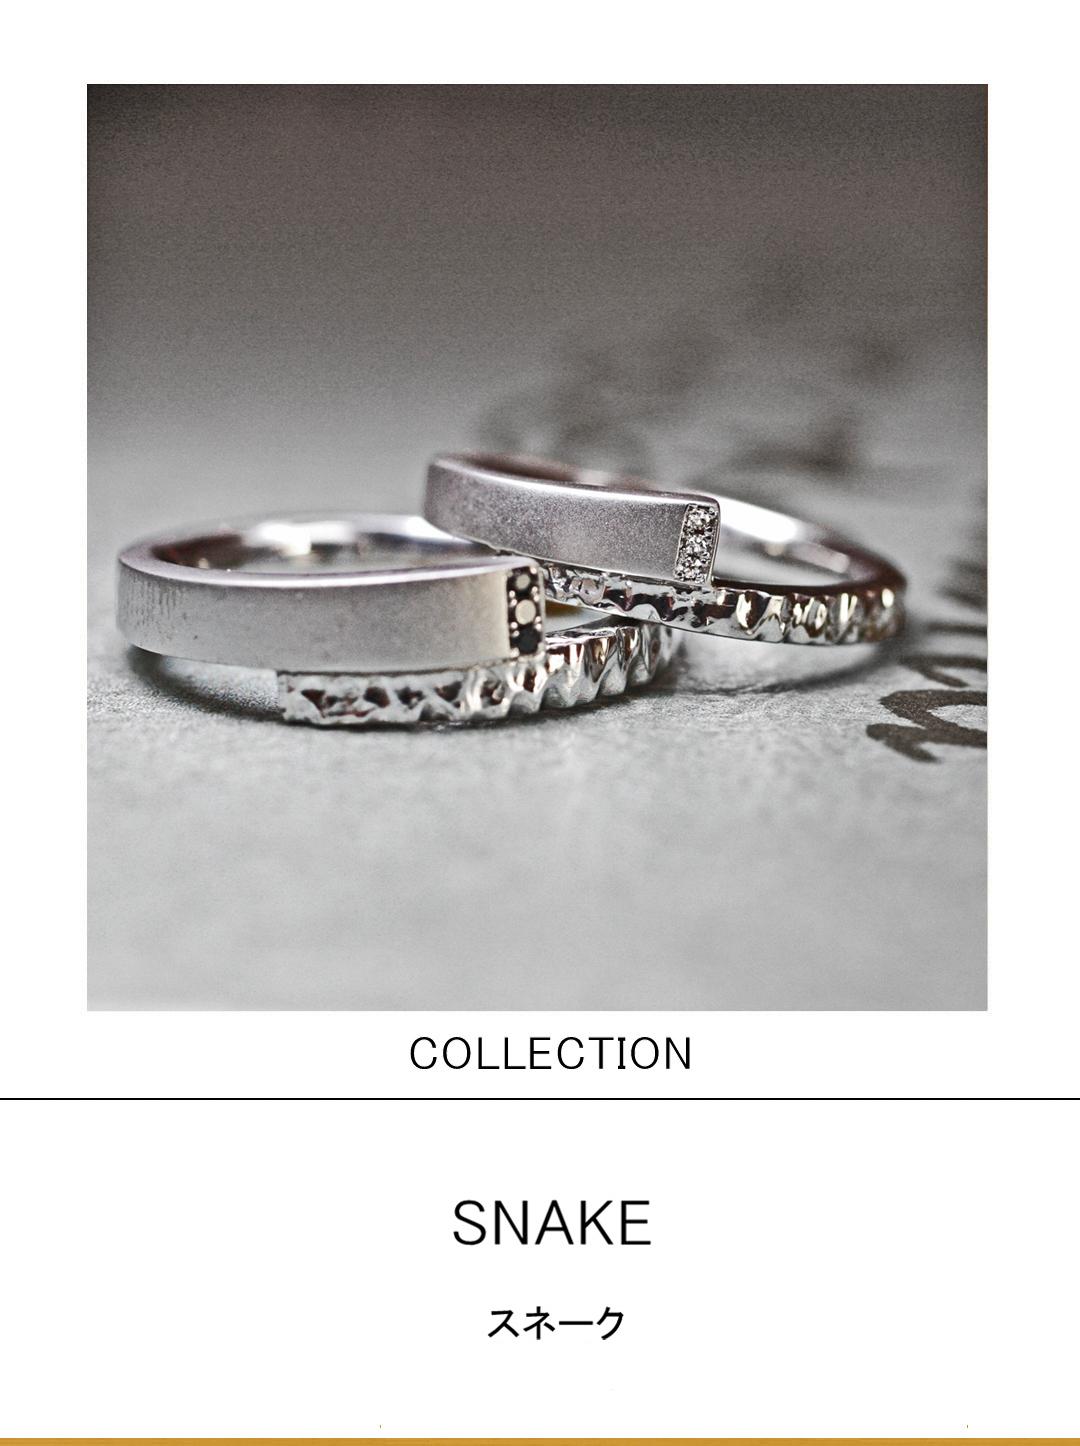 個性的なスネークデザインのプラチナ結婚指輪コレクションのサムネイル